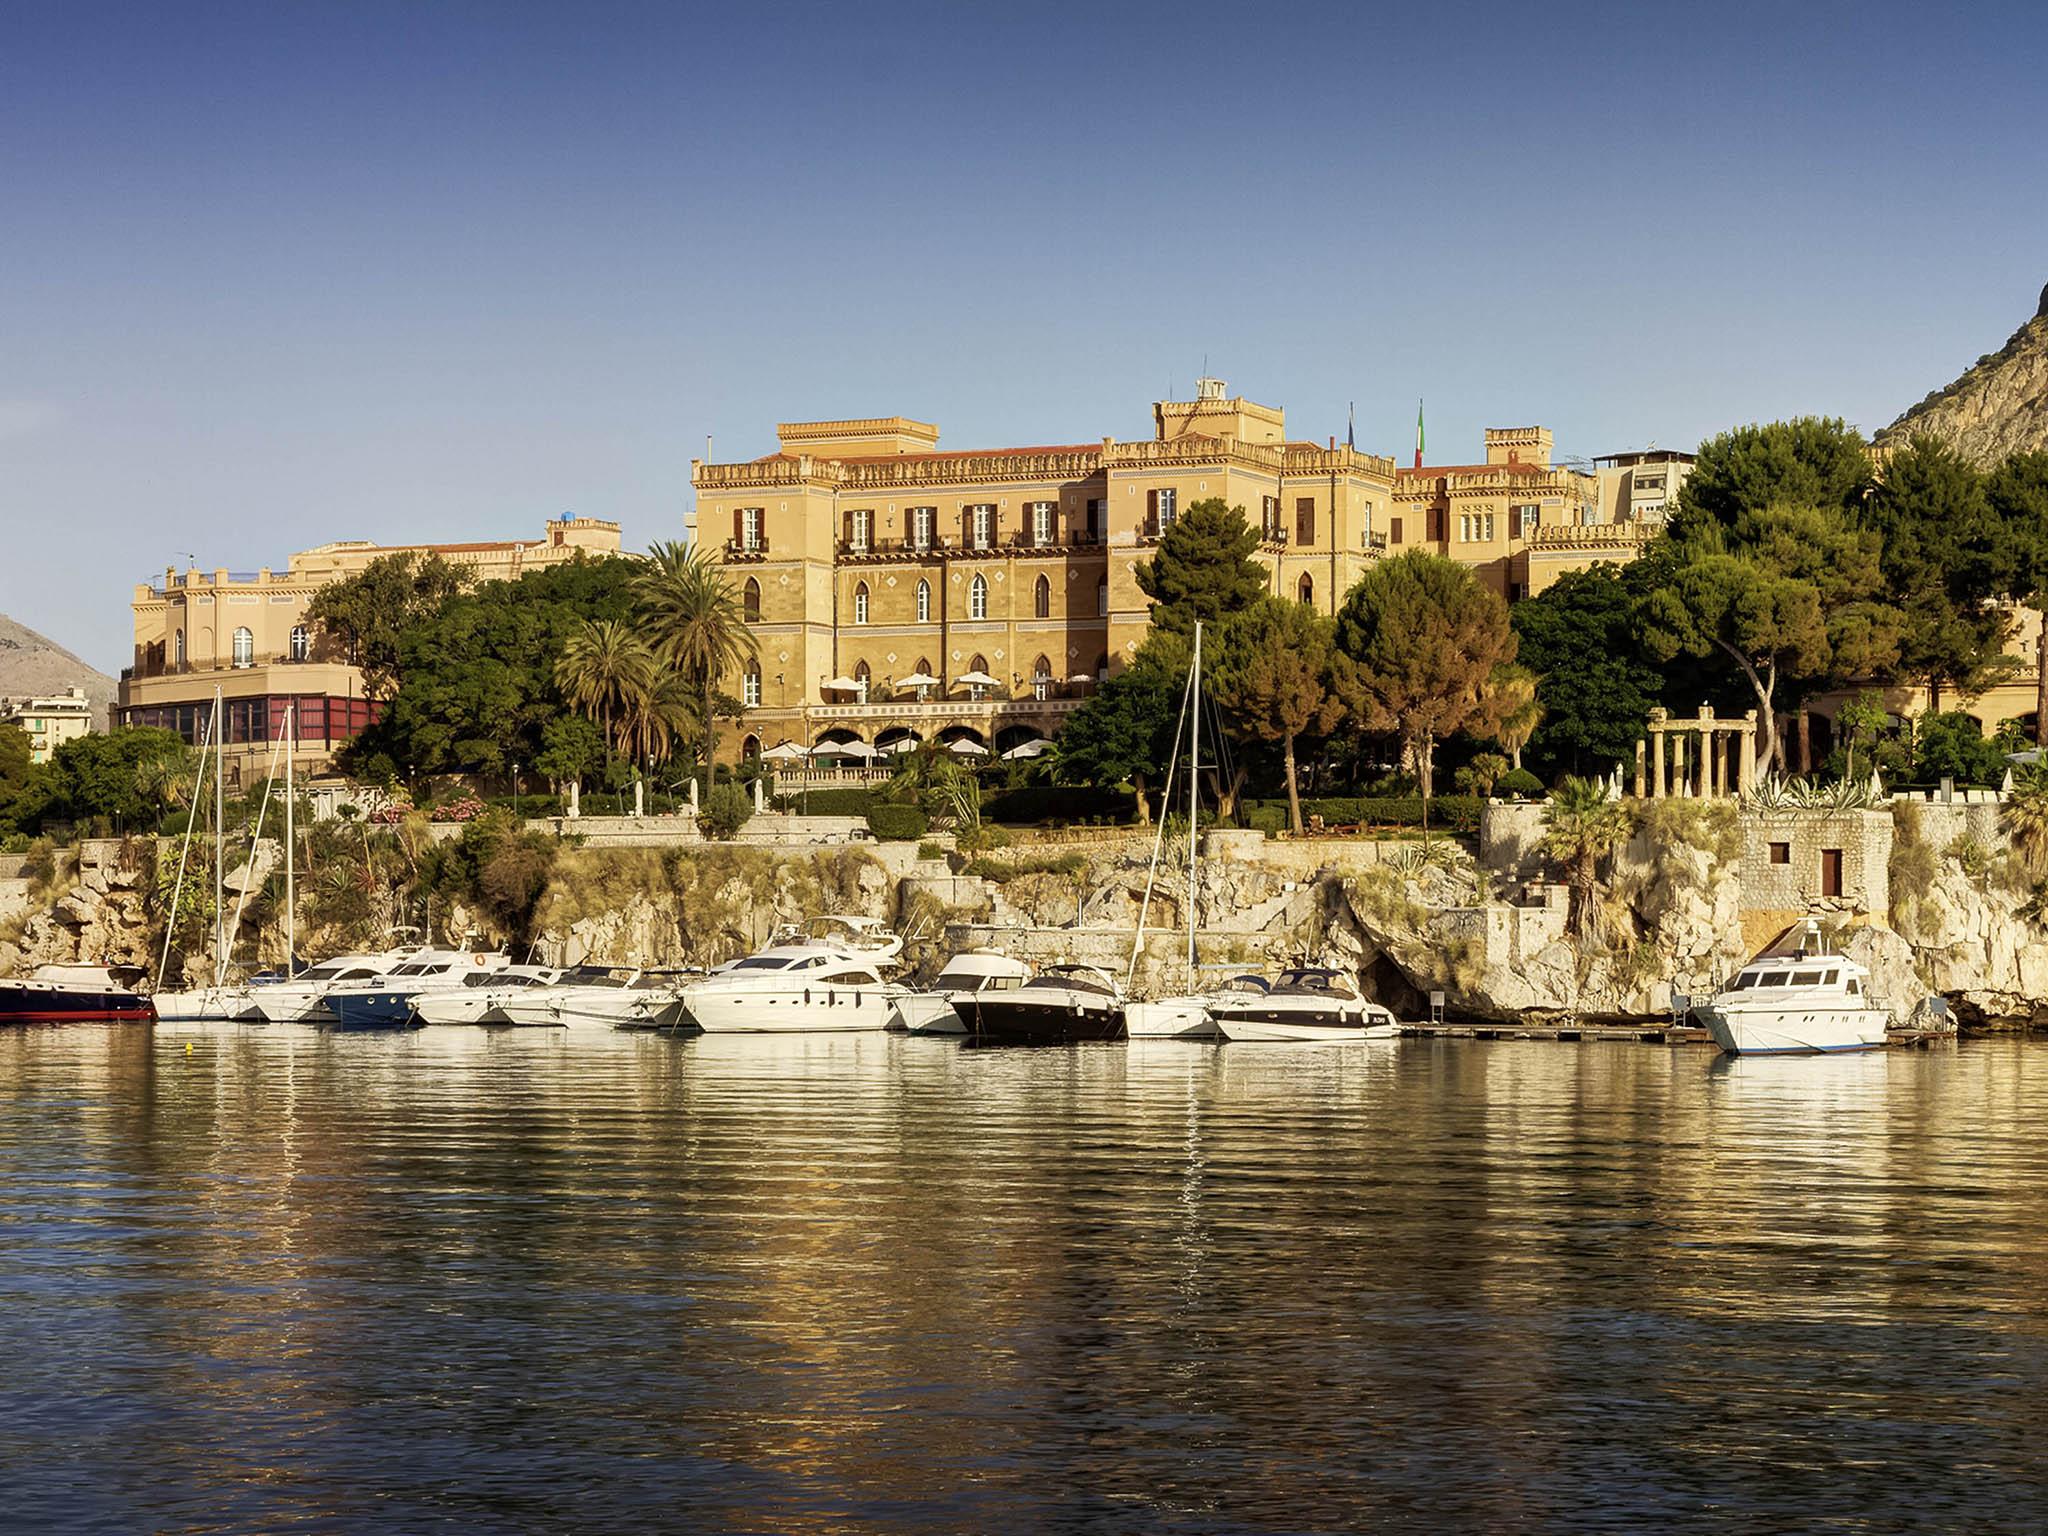 فندق - Grand Hotel Villa Igiea Palermo - MGallery by Sofitel